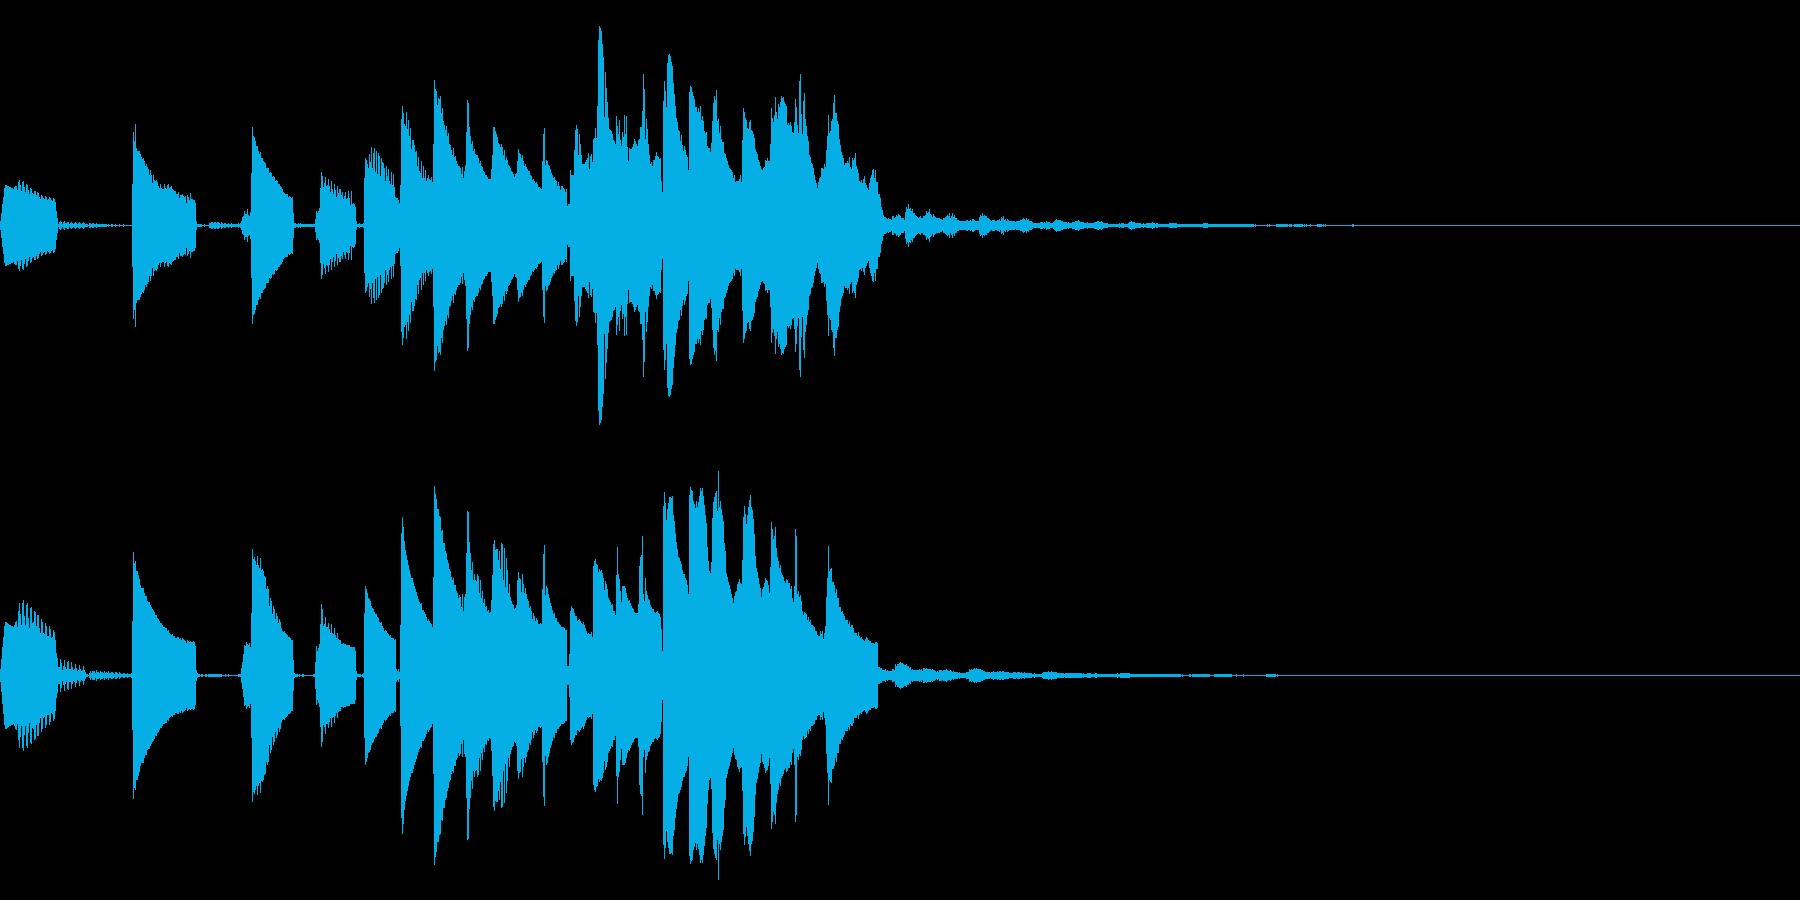 仮装大賞風の上昇音階~メジャー~の再生済みの波形